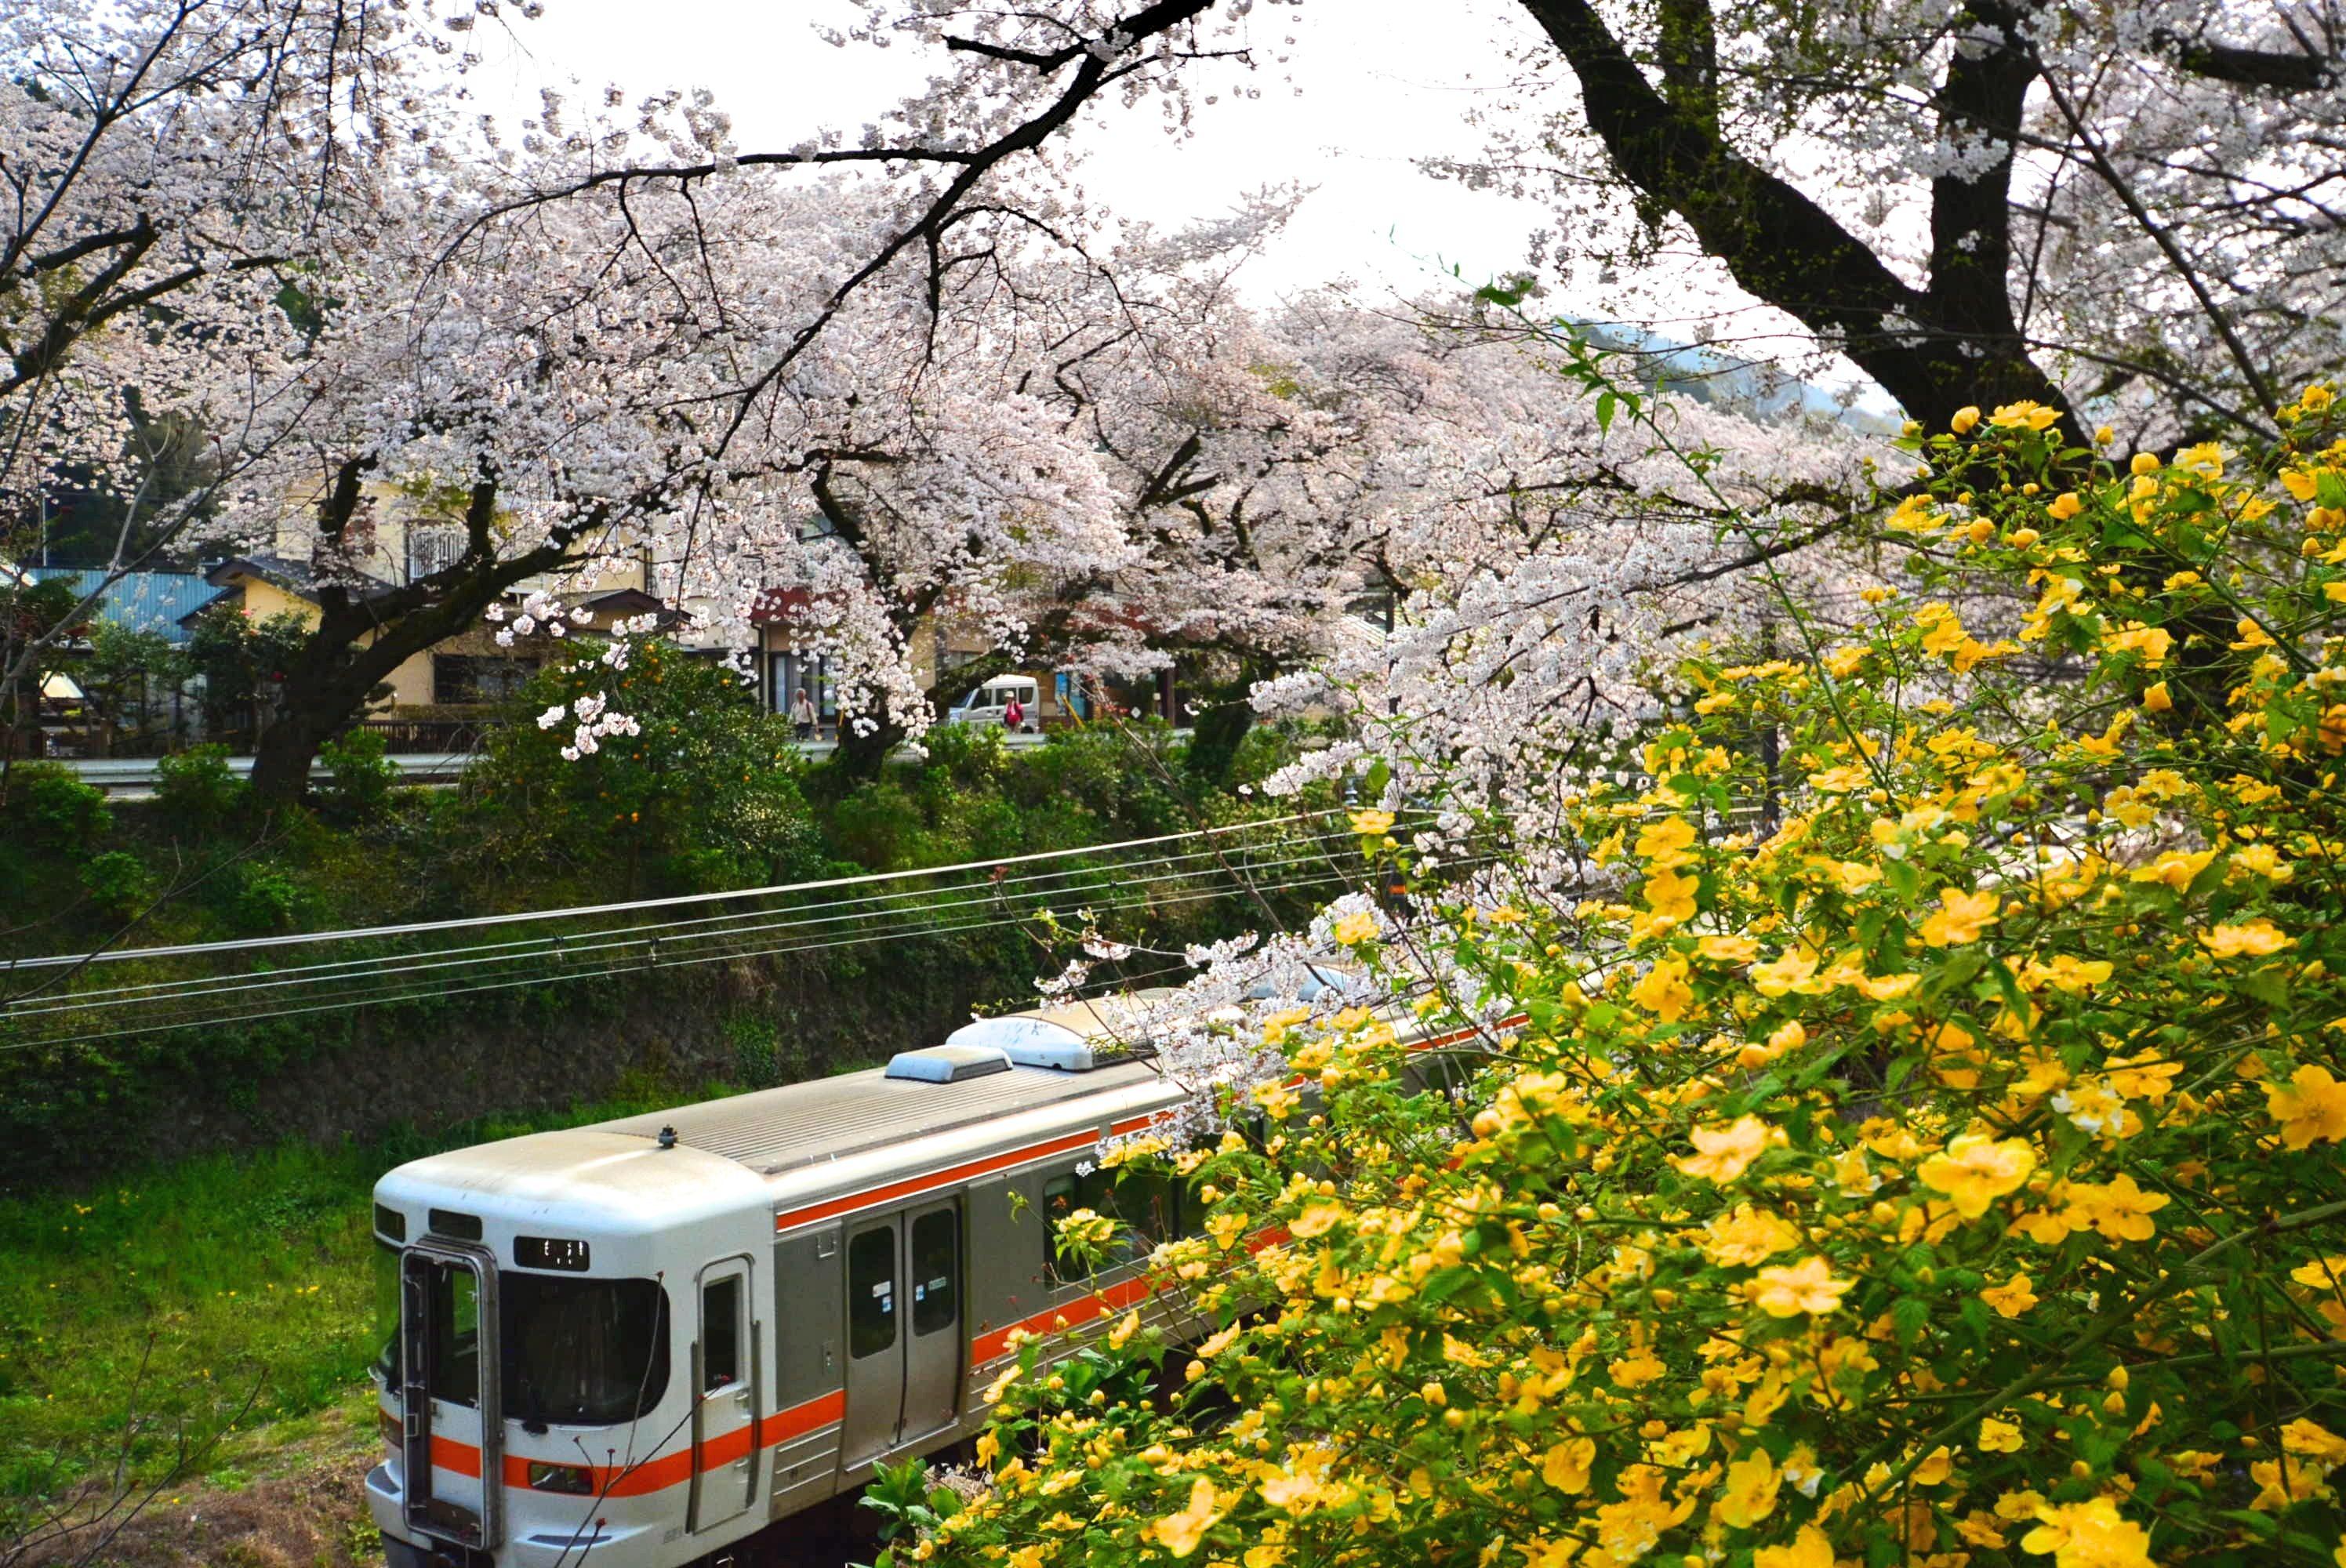 【NEW 4月19日】トンネルで育った「丹沢うど」 道の駅山北でデビュー!